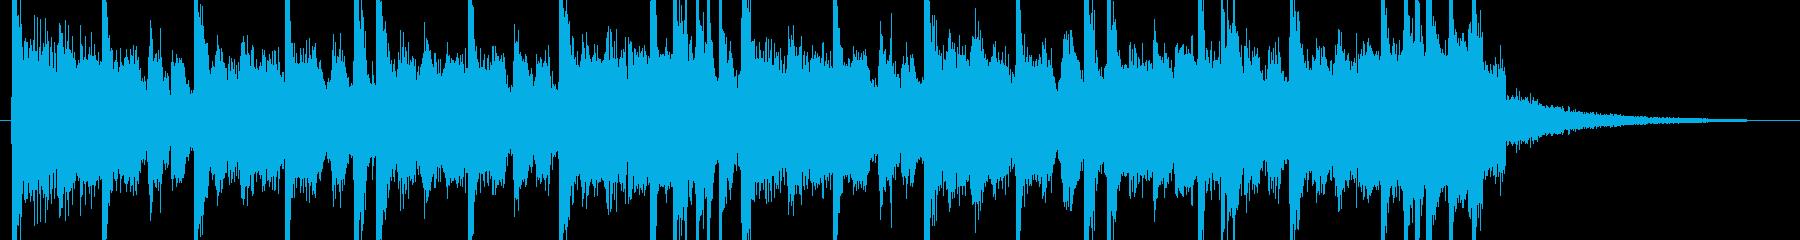 ヒップヒップトラップインストゥルメ...の再生済みの波形